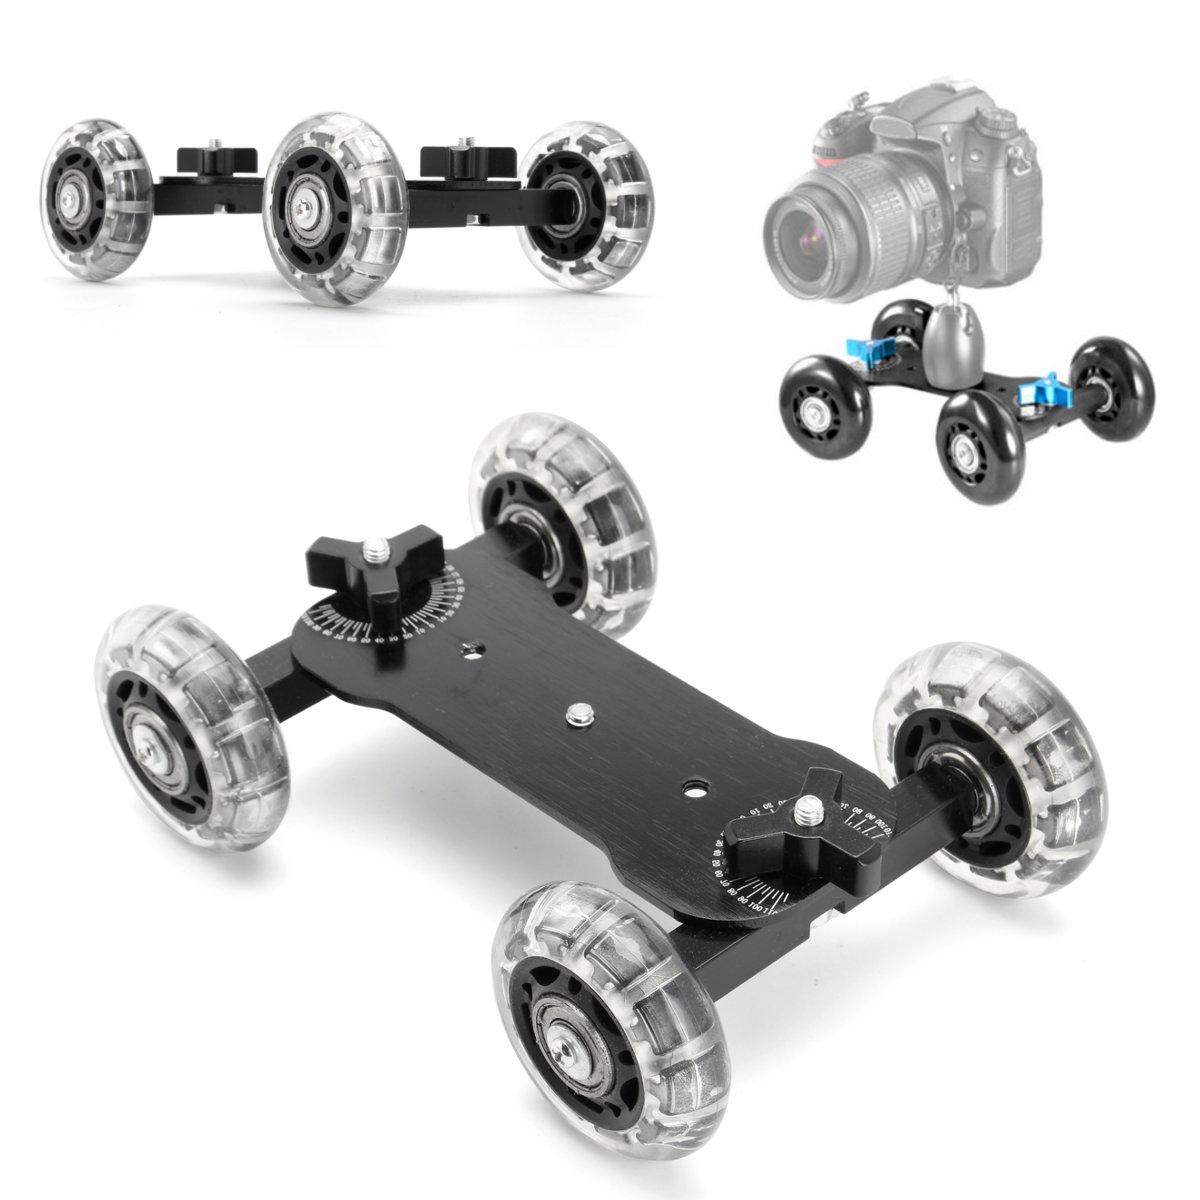 Área de Trabalho de Vídeo Da Câmera DSLR Trilha Slider Dolly Car Skate Rodas de Rolamento Ferroviário Câmera Glide Rolamento Deslizante Skater Dolly Estabilizador